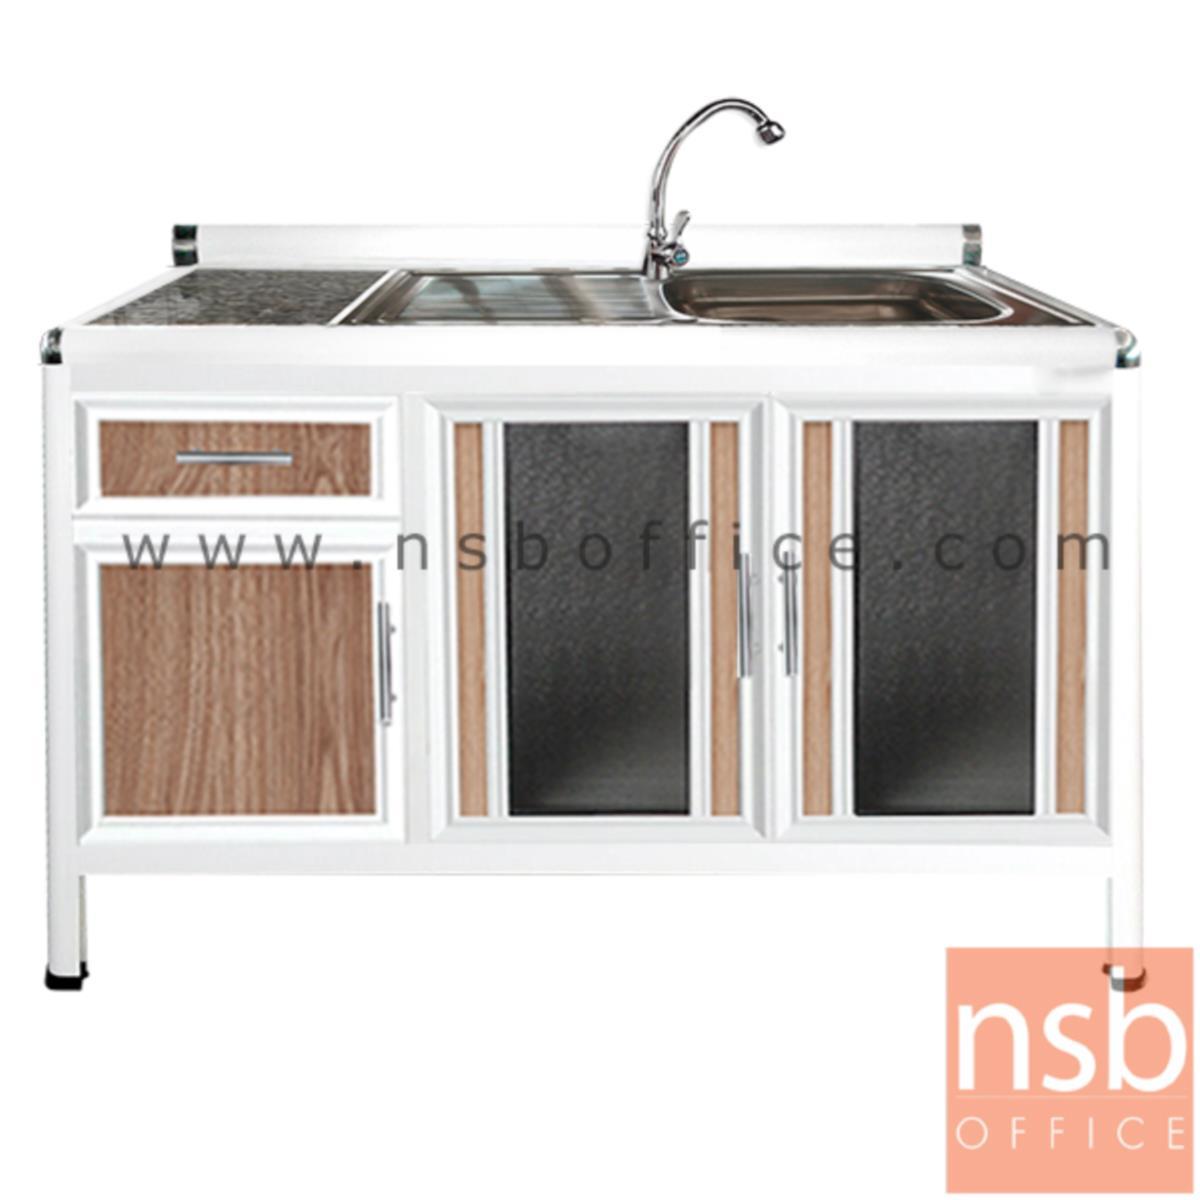 G07A130:ตู้ครัวตอนล่างอลูมิเนียมอ่างซิงค์  1 หลุม มีที่พักจาน  กว้าง 120 ซม รุ่น GBPE 120S